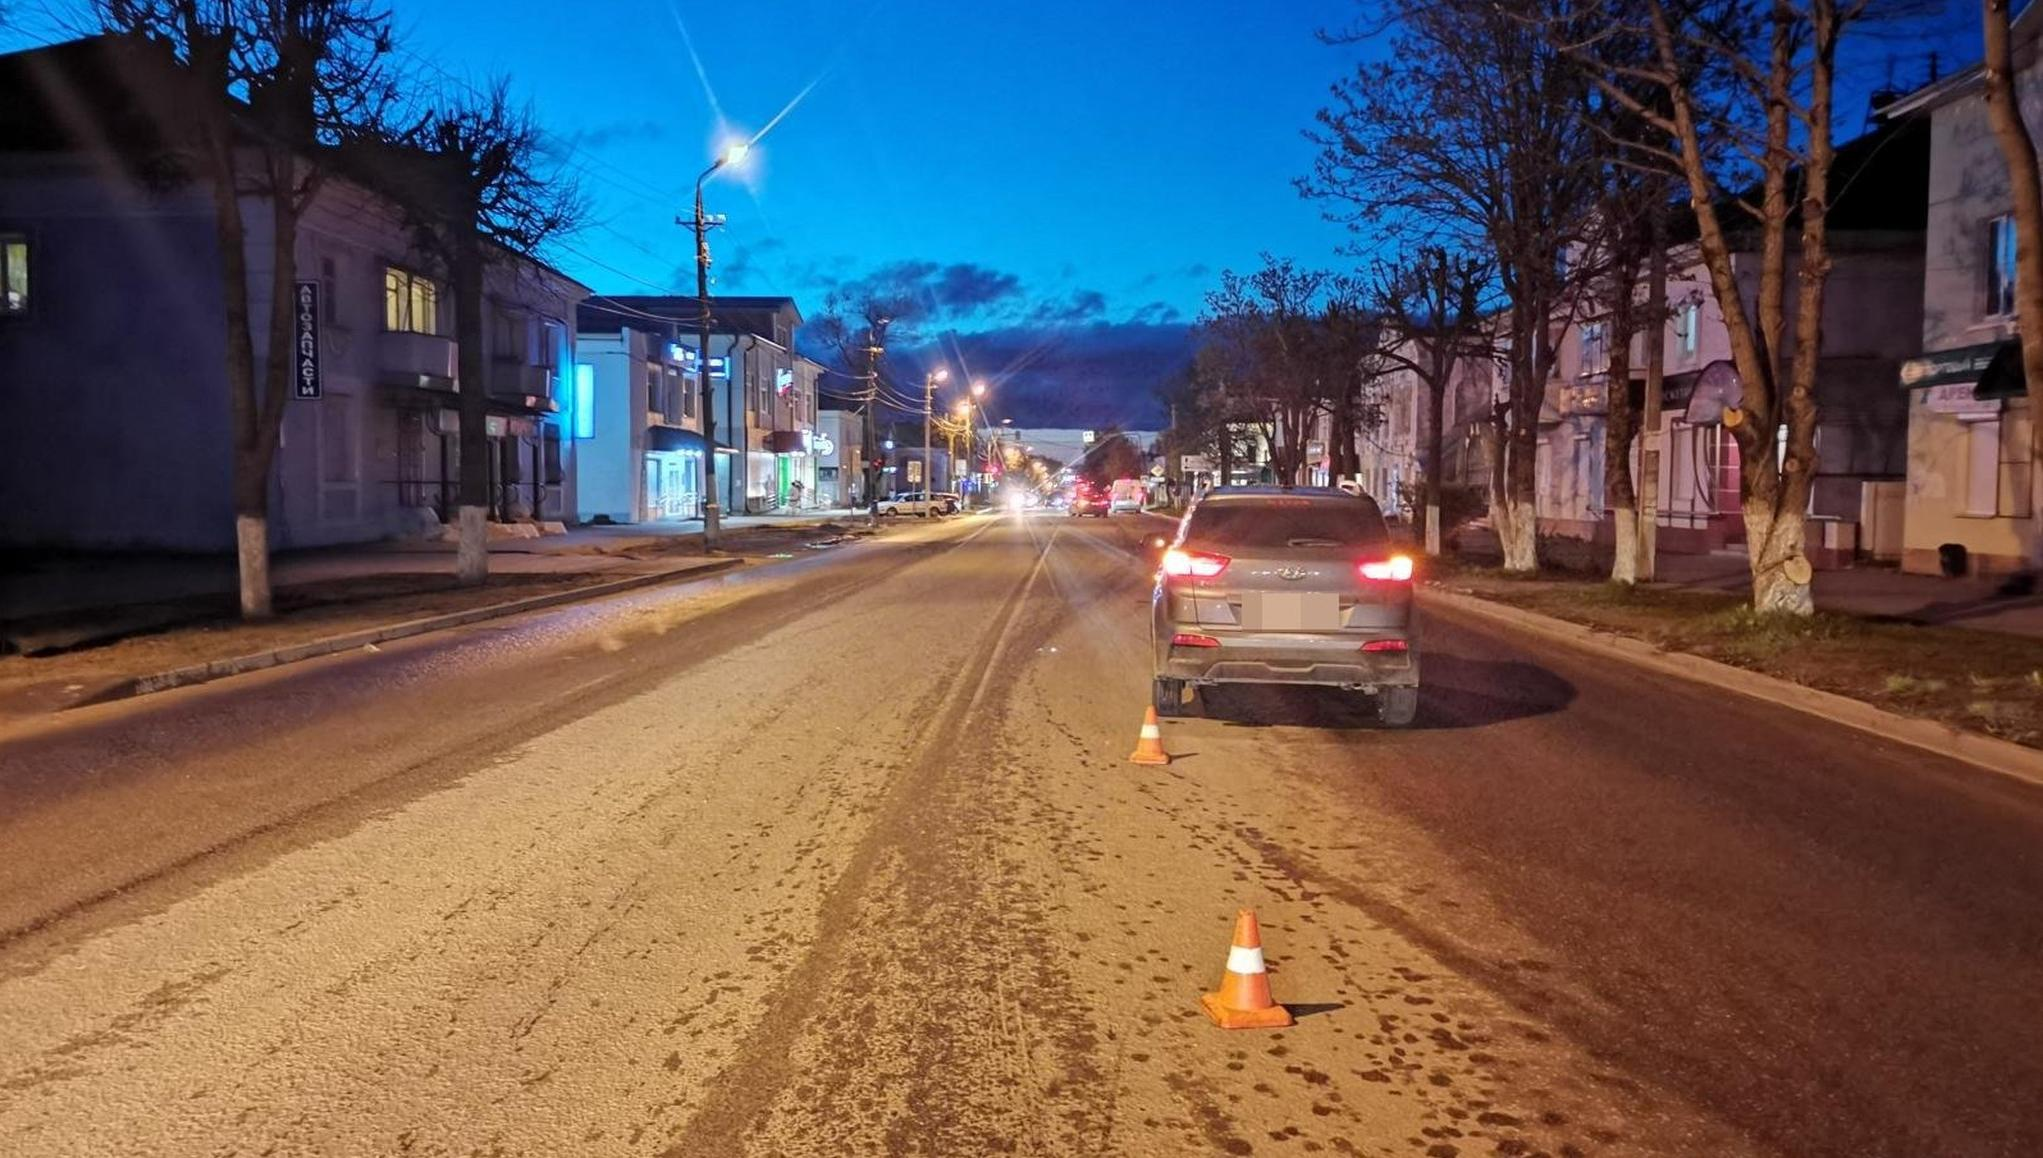 Пешеход попал под машину в Ржеве Тверской области